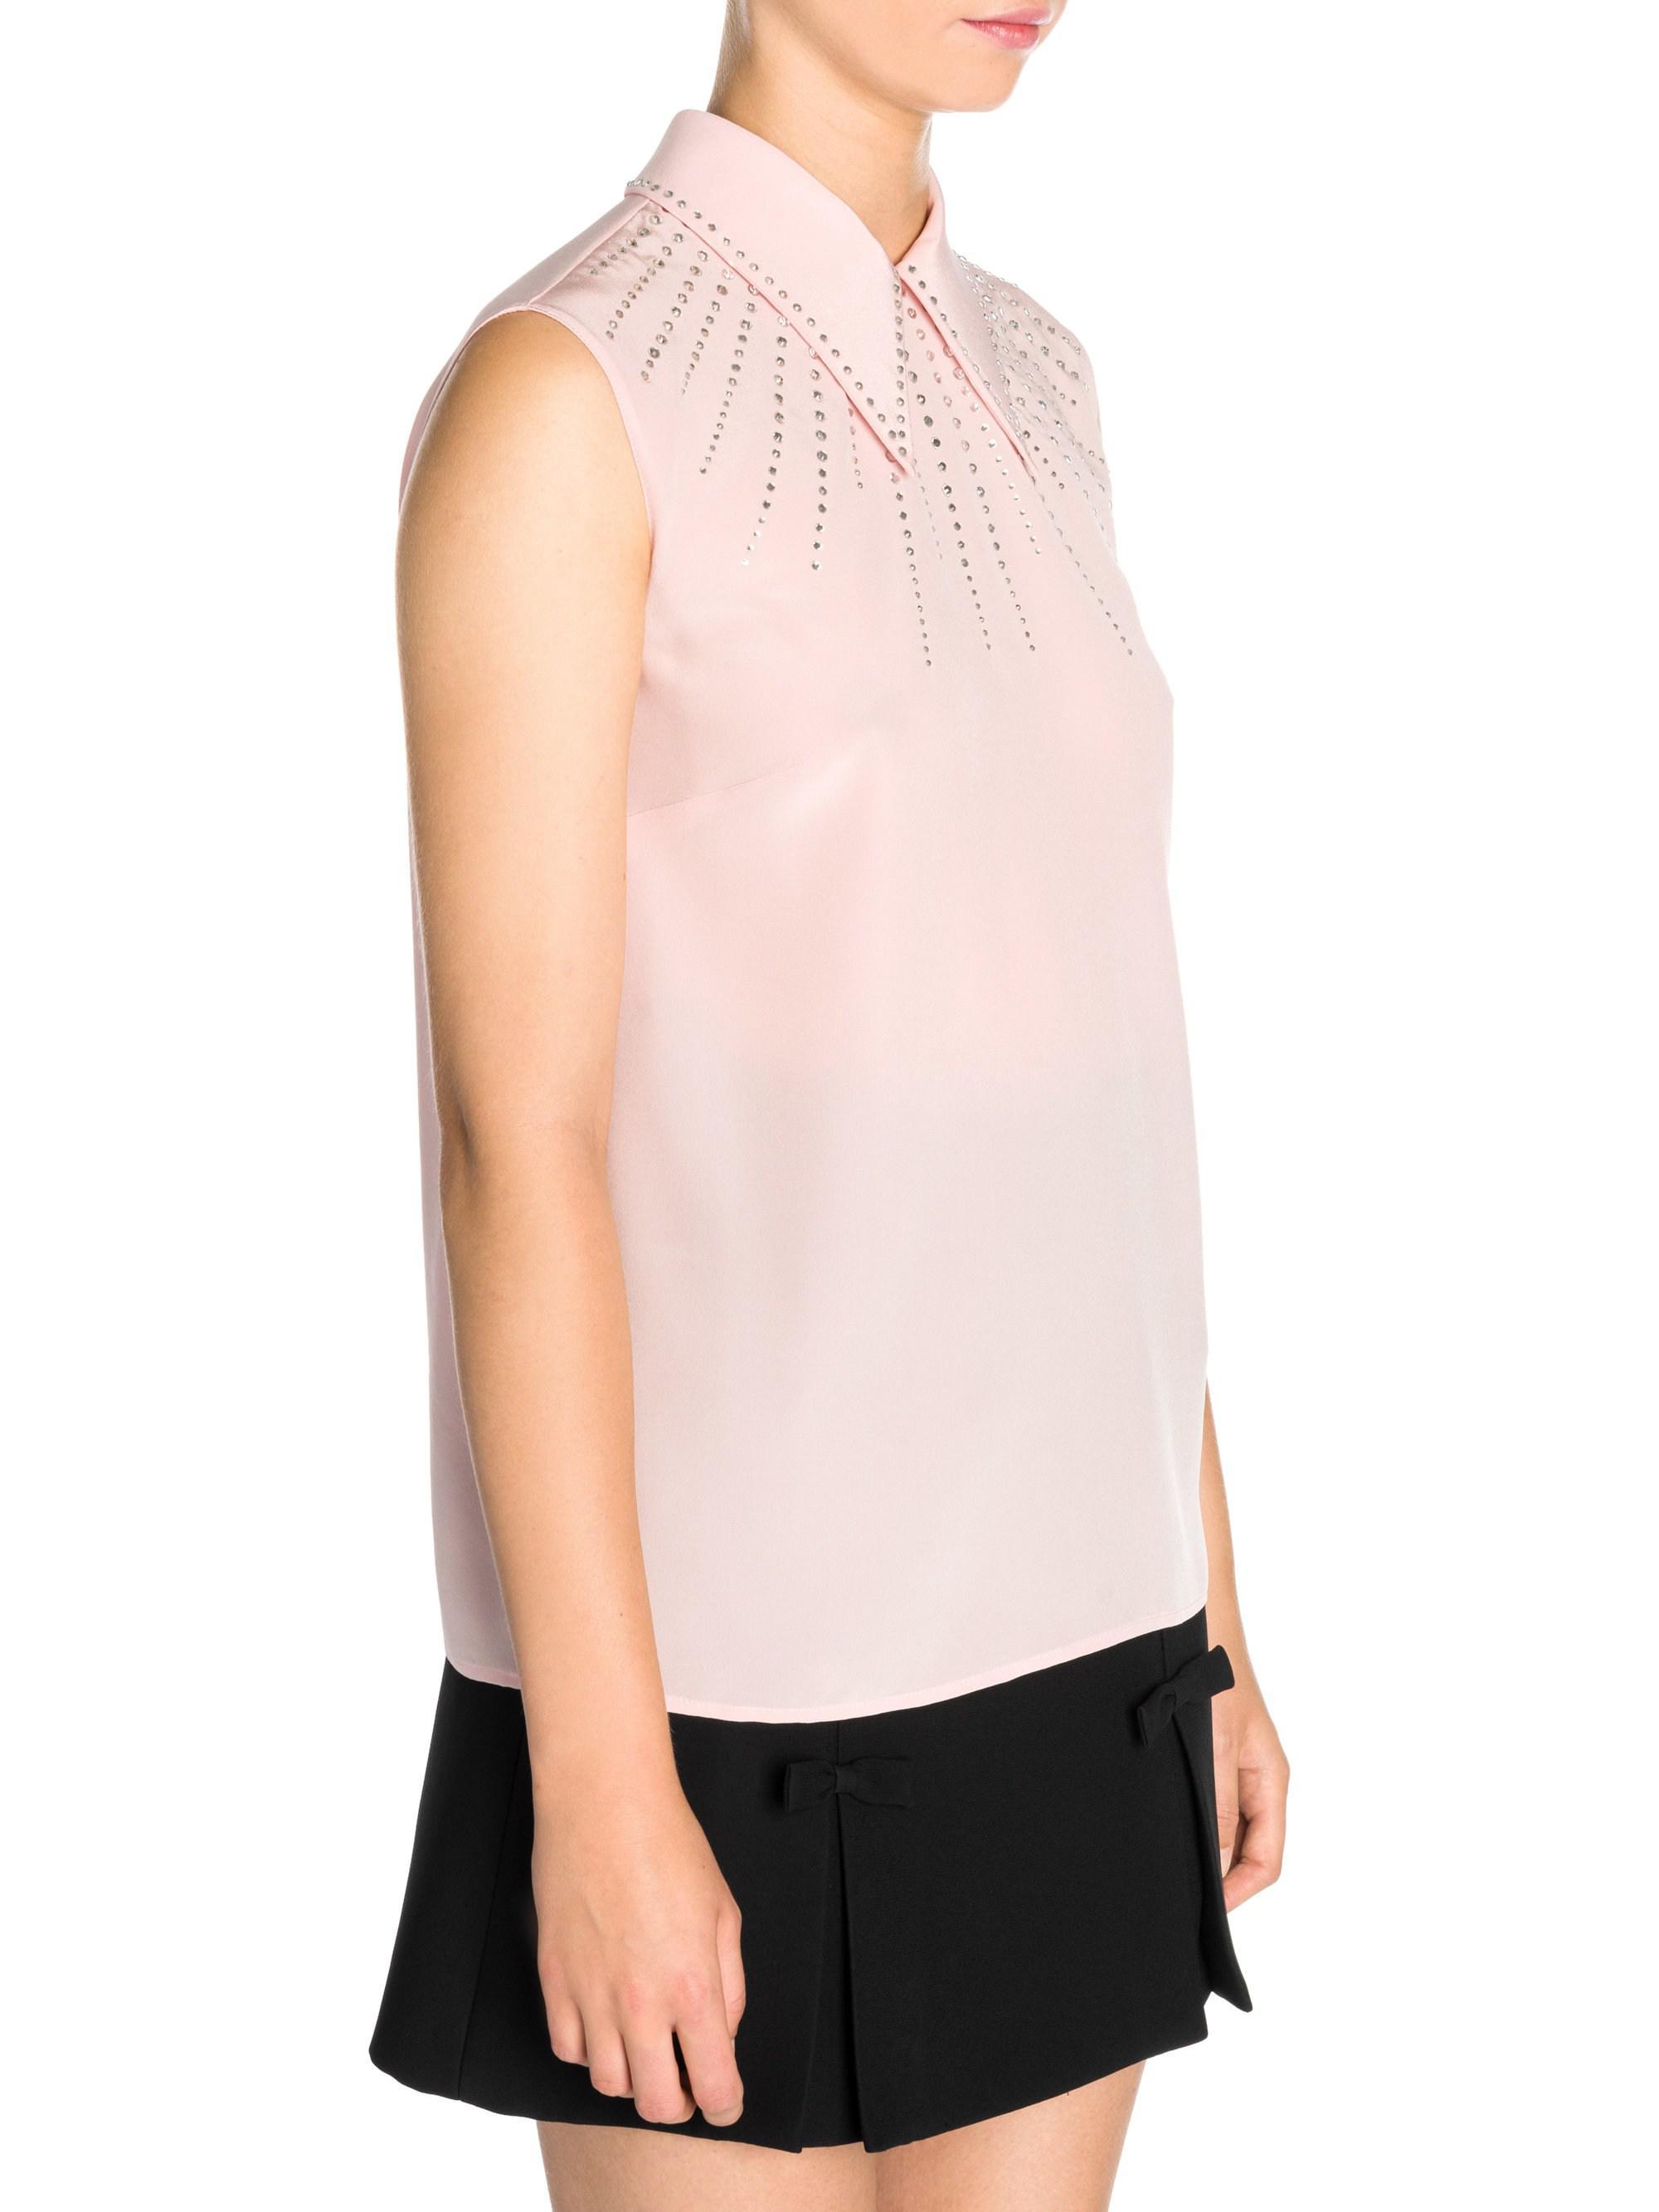 84f5e4dd1c507 Lyst miu crystal embellished point collar blouse in pink jpg 2000x2667  Crystal collar blouse